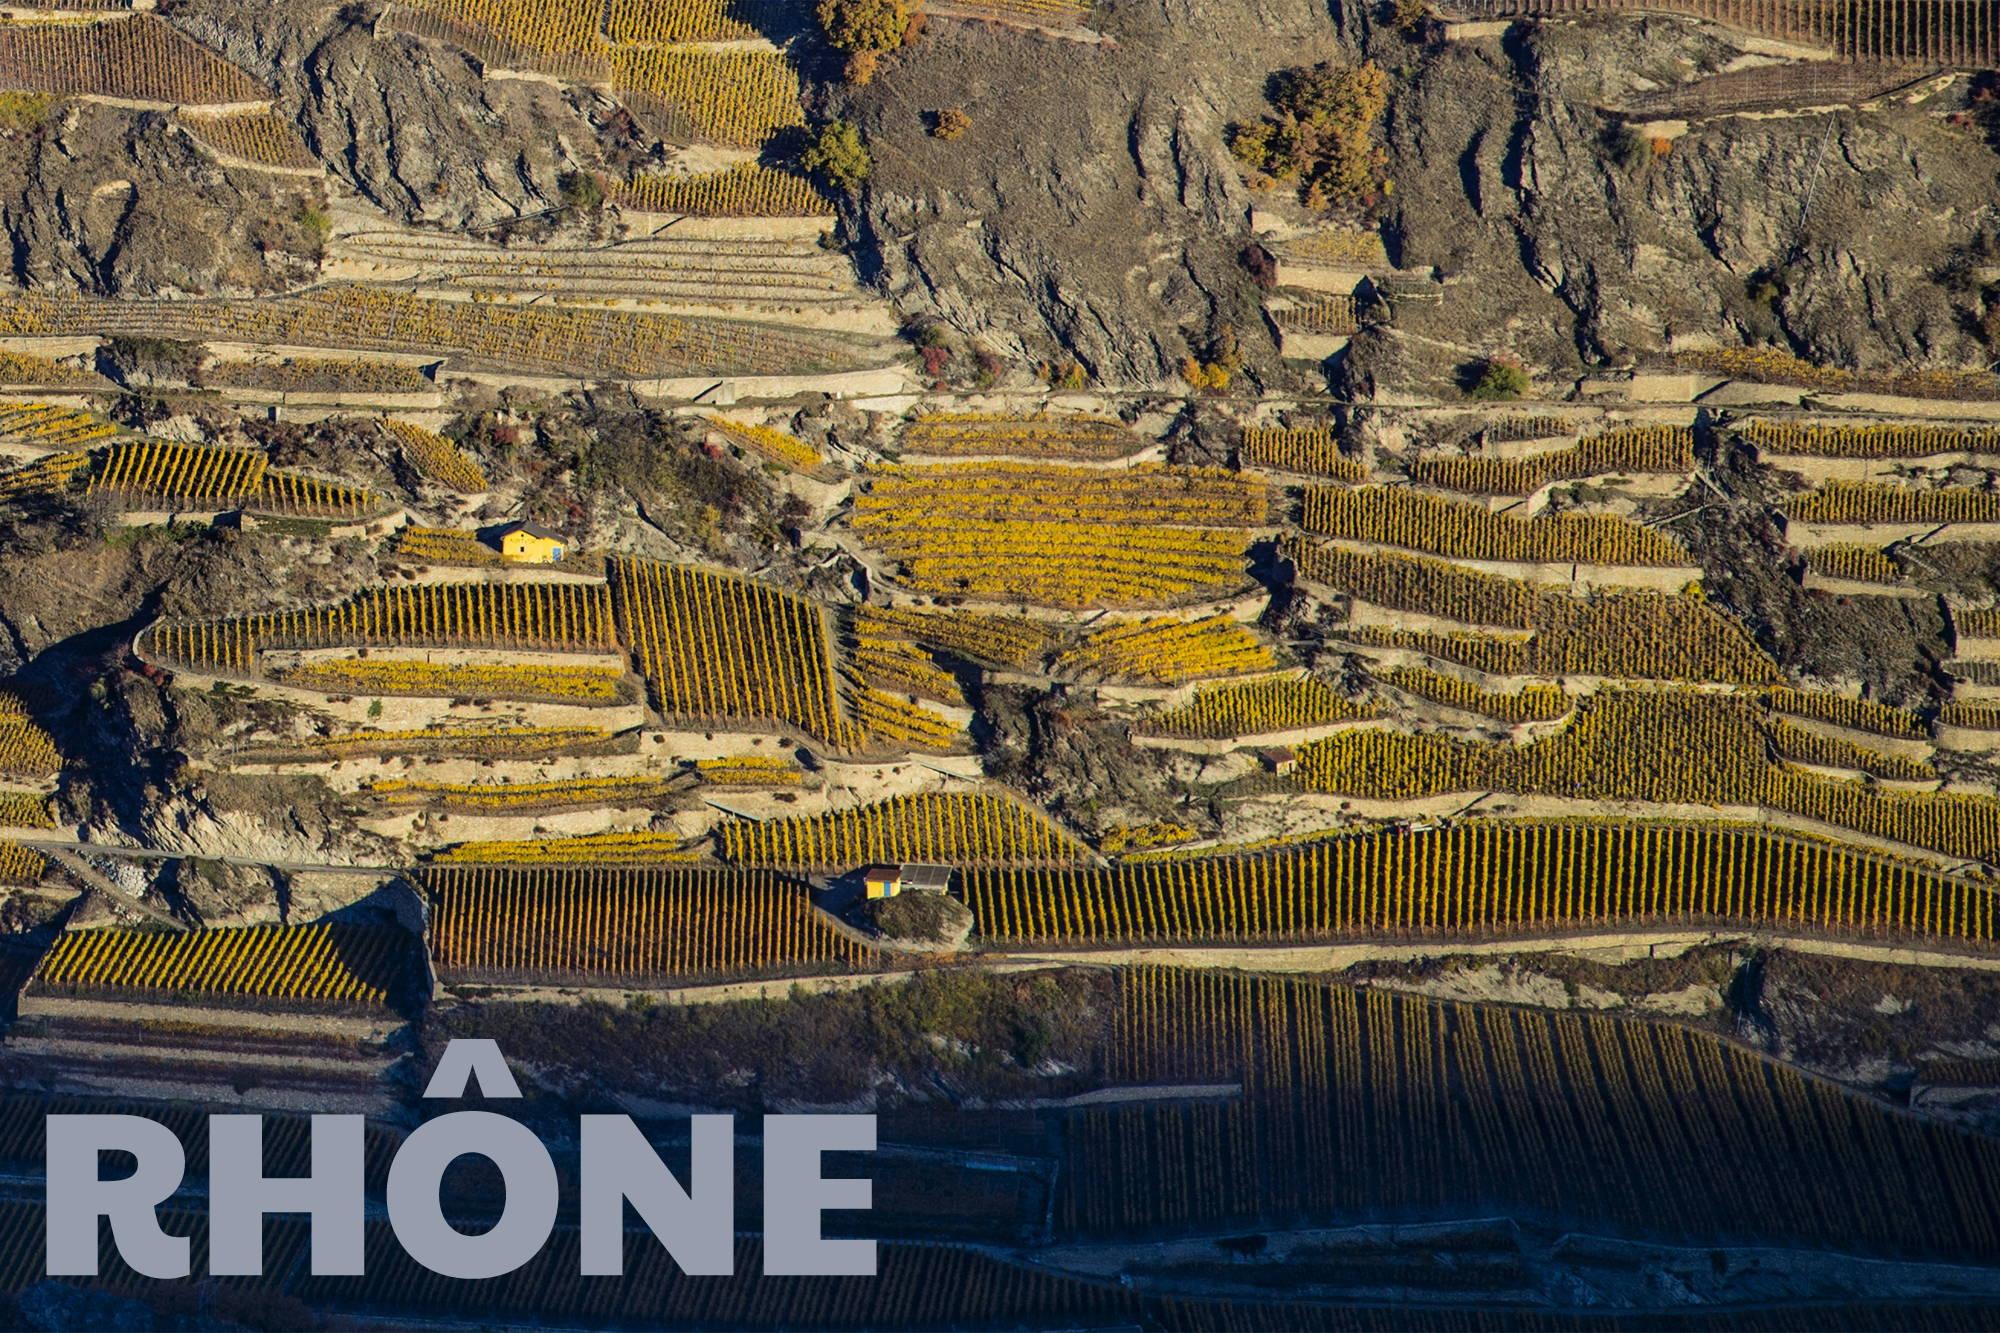 vin, rhône, saladin, clos des mourres, les entrefaux, graillot, daumen, la vieille julienne, françois tardy, ingrid bouchet, usseglio, raw wine, vin nature, naturel, vin naturel, vin blanc, vin rouge, organic wine, vin bio